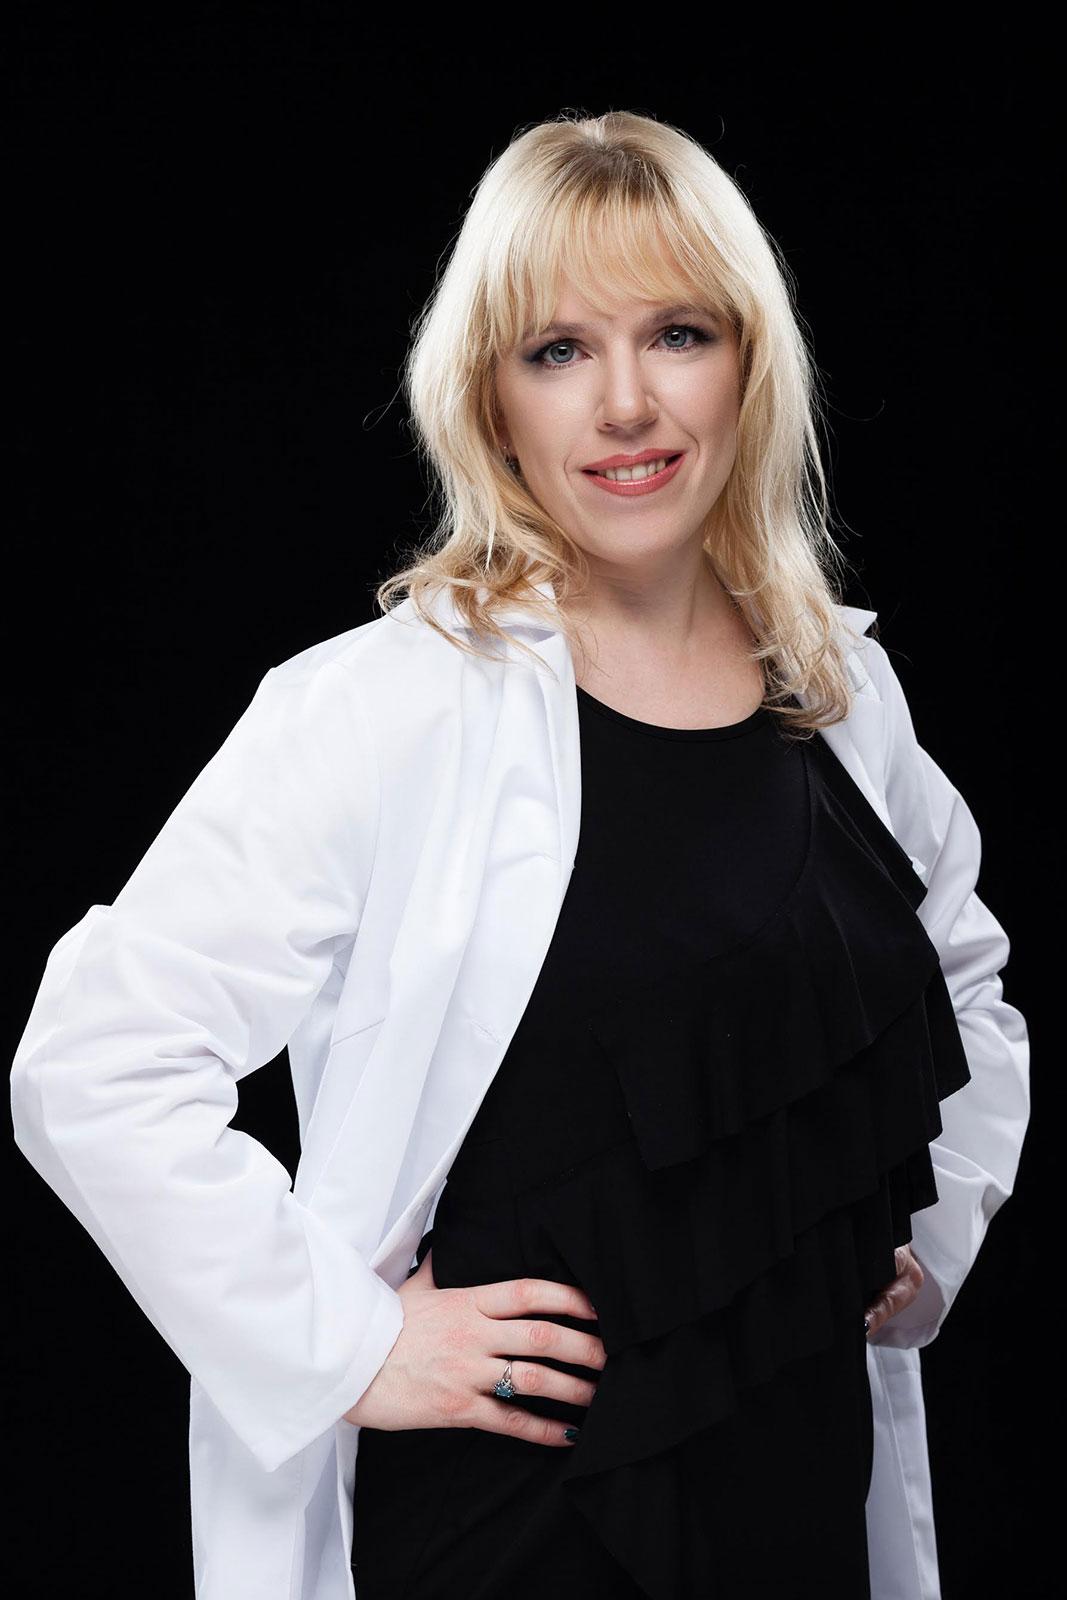 Evelina Smirnova